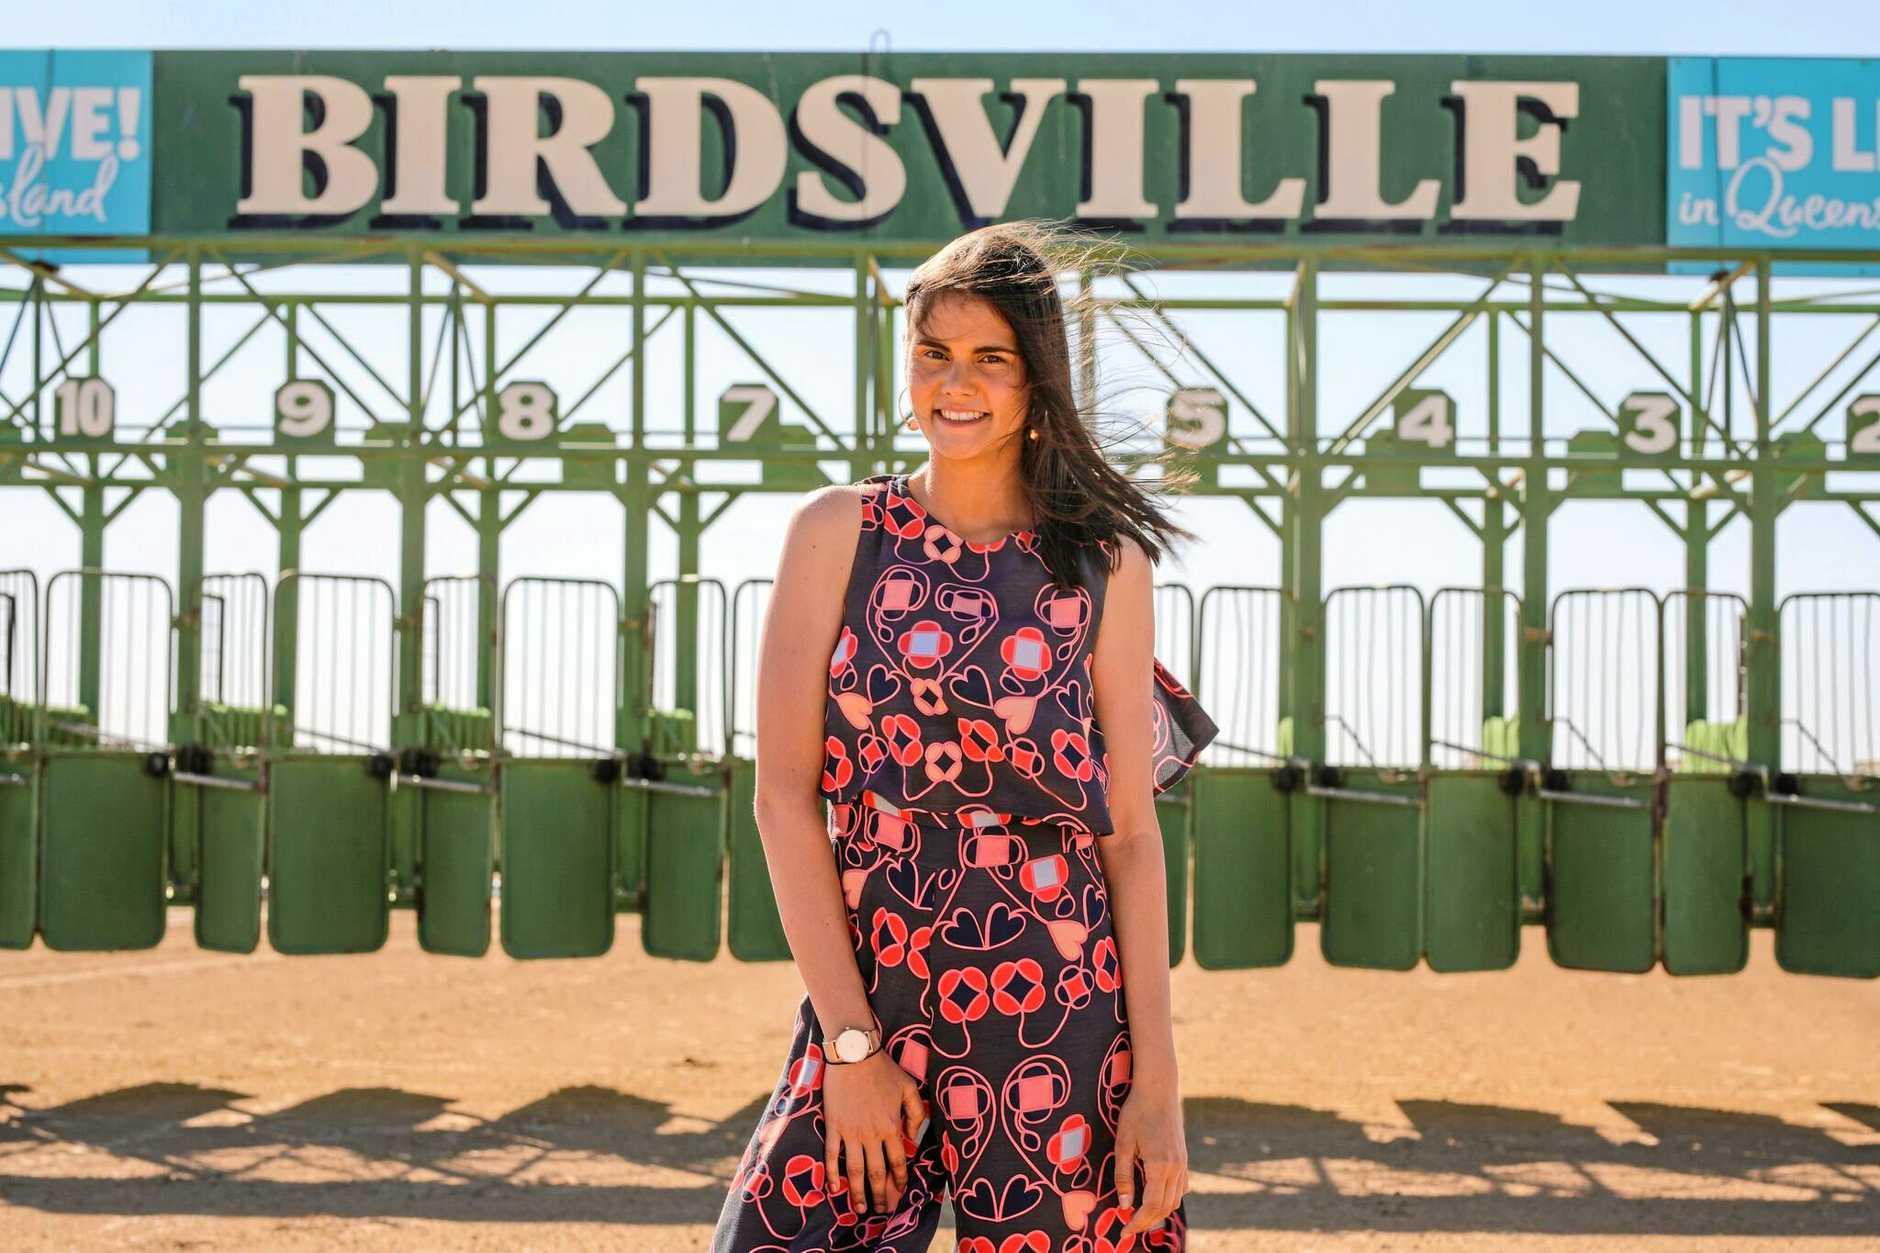 Venessa Harris at the 2018 Birdsville Races.